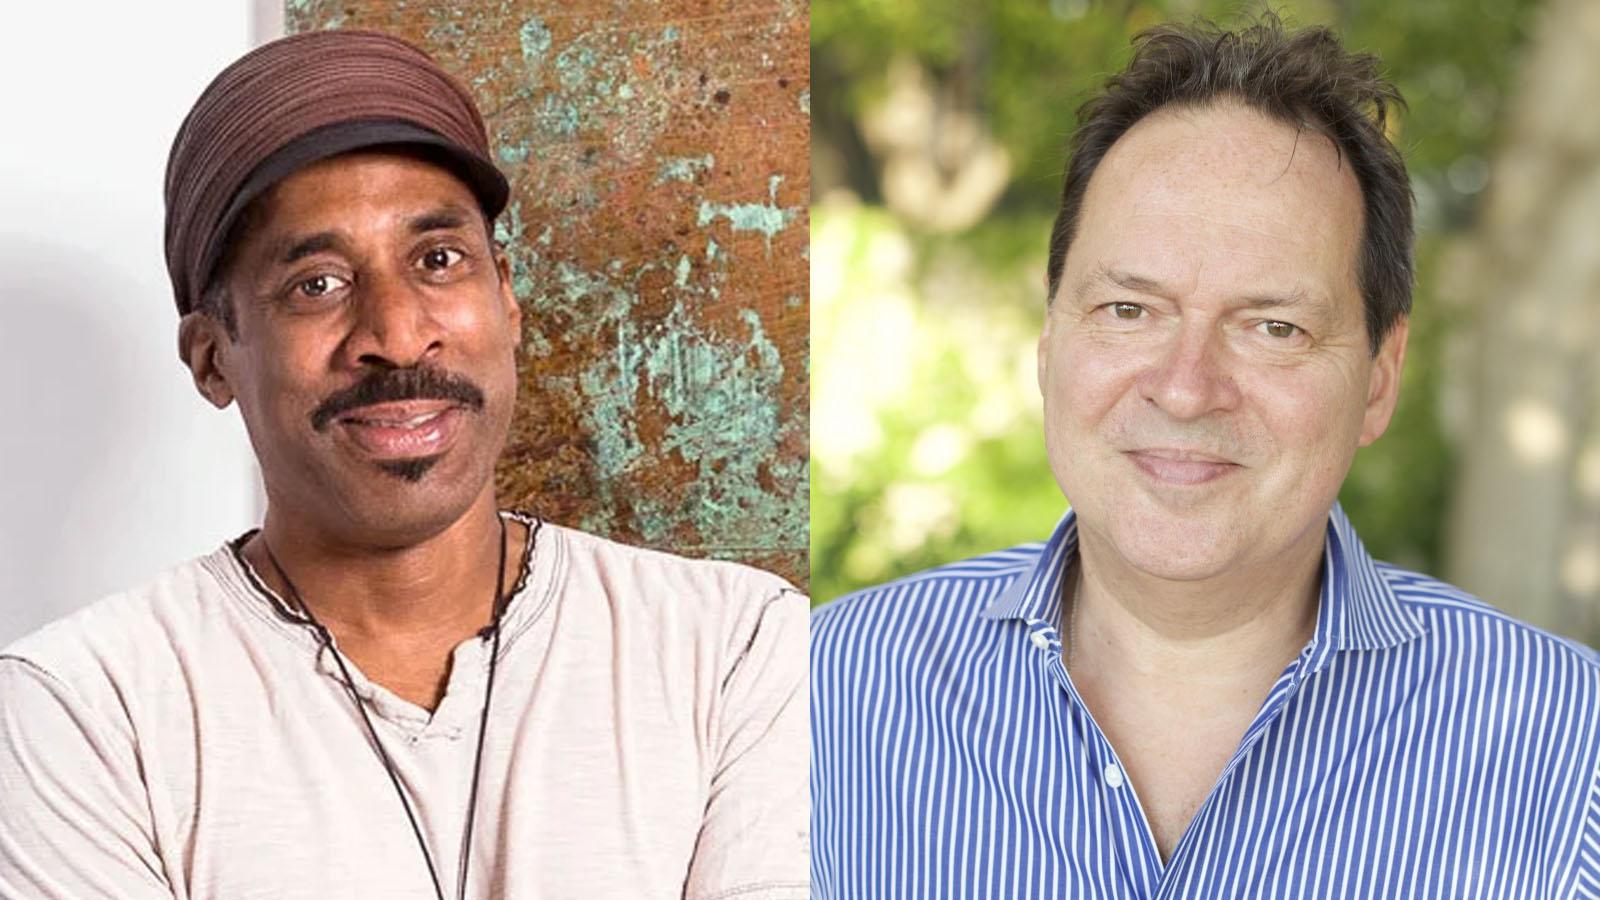 Nari Ward and Joachim Pissarro